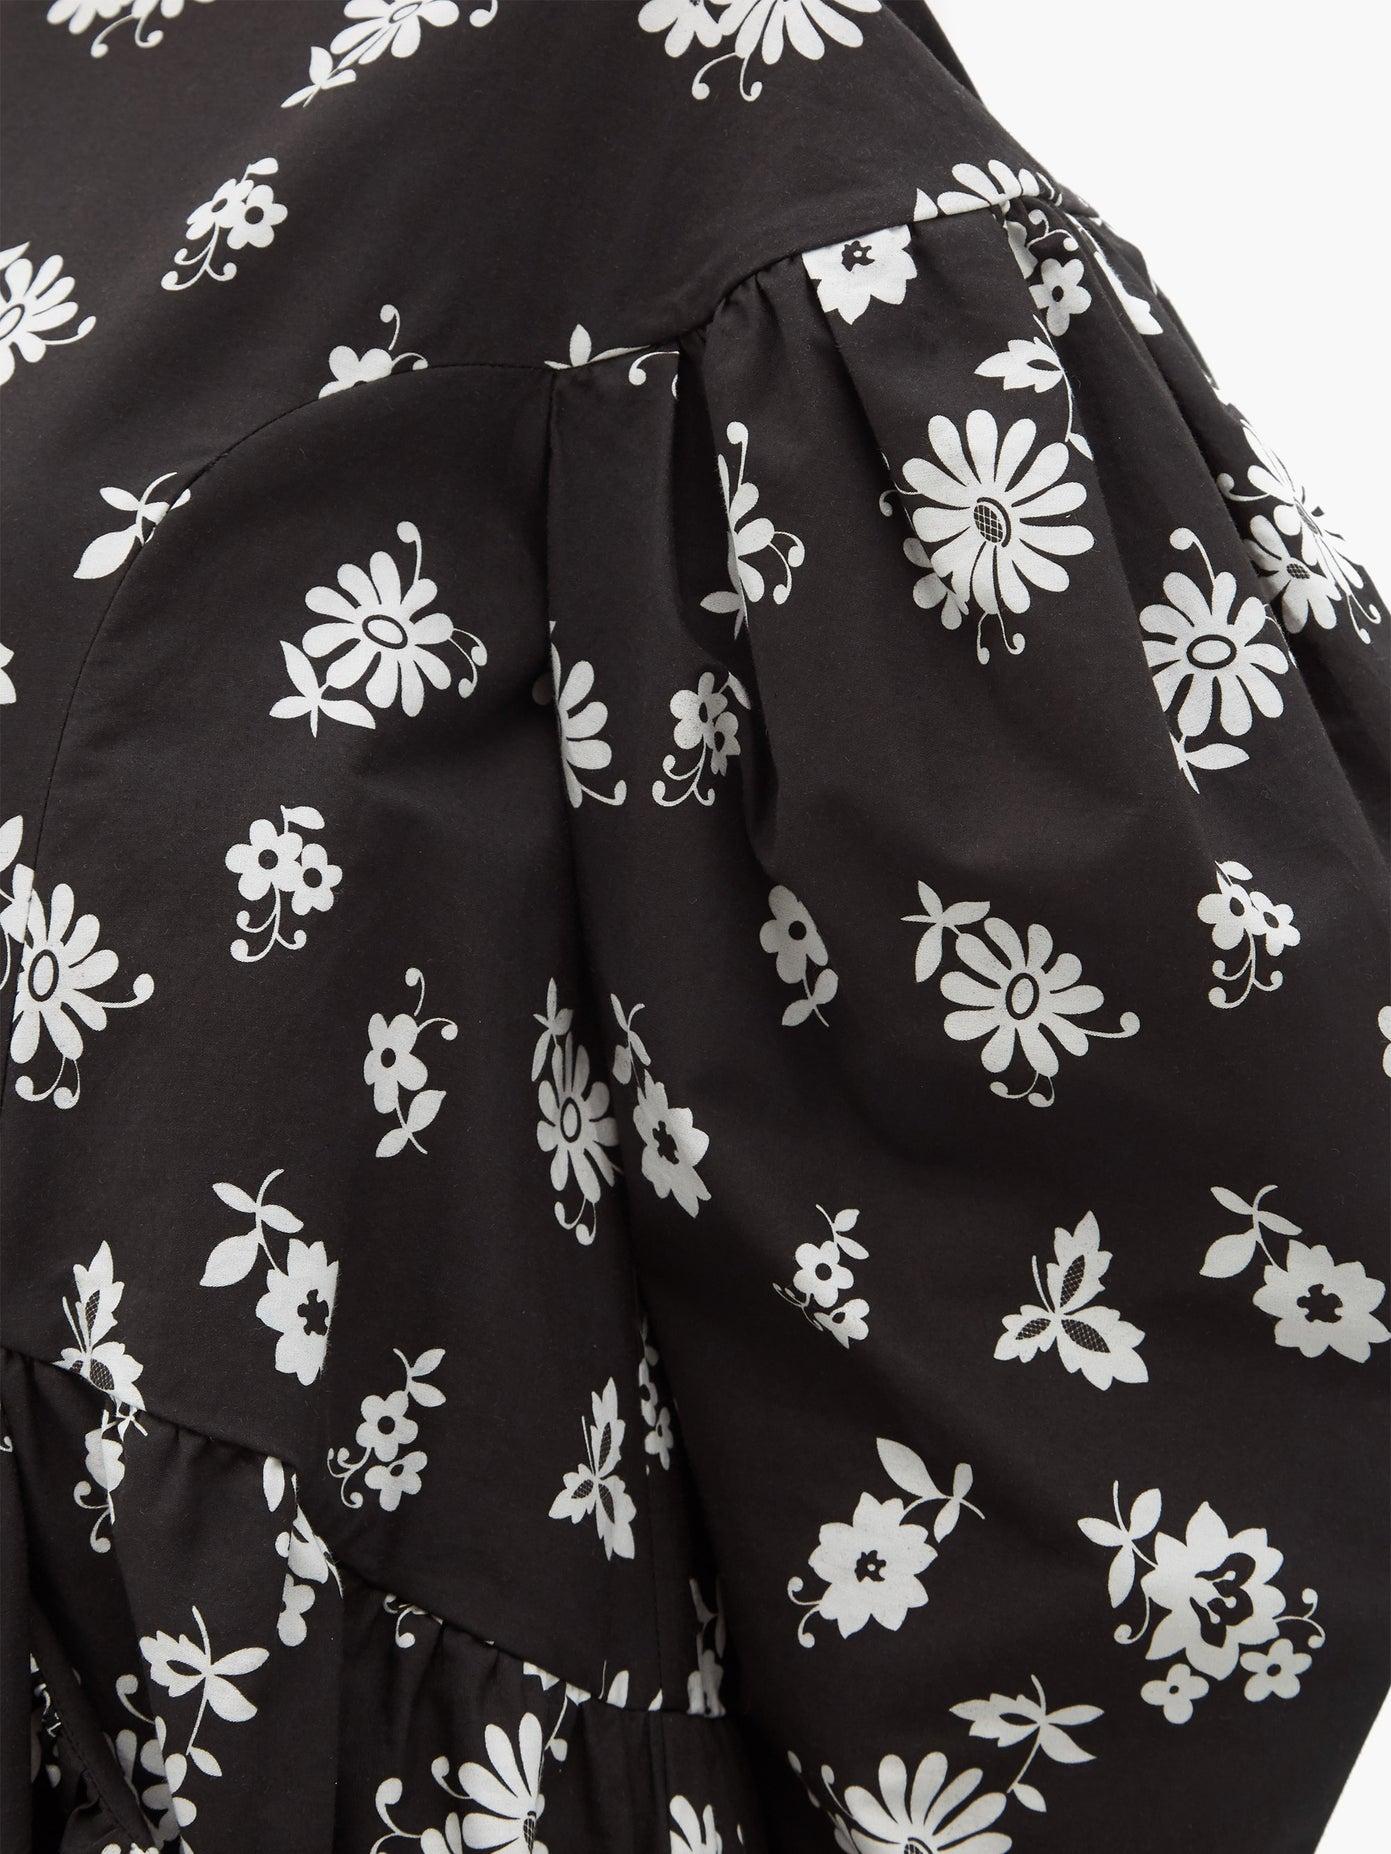 Simone Rocha Black Floral Dress detail